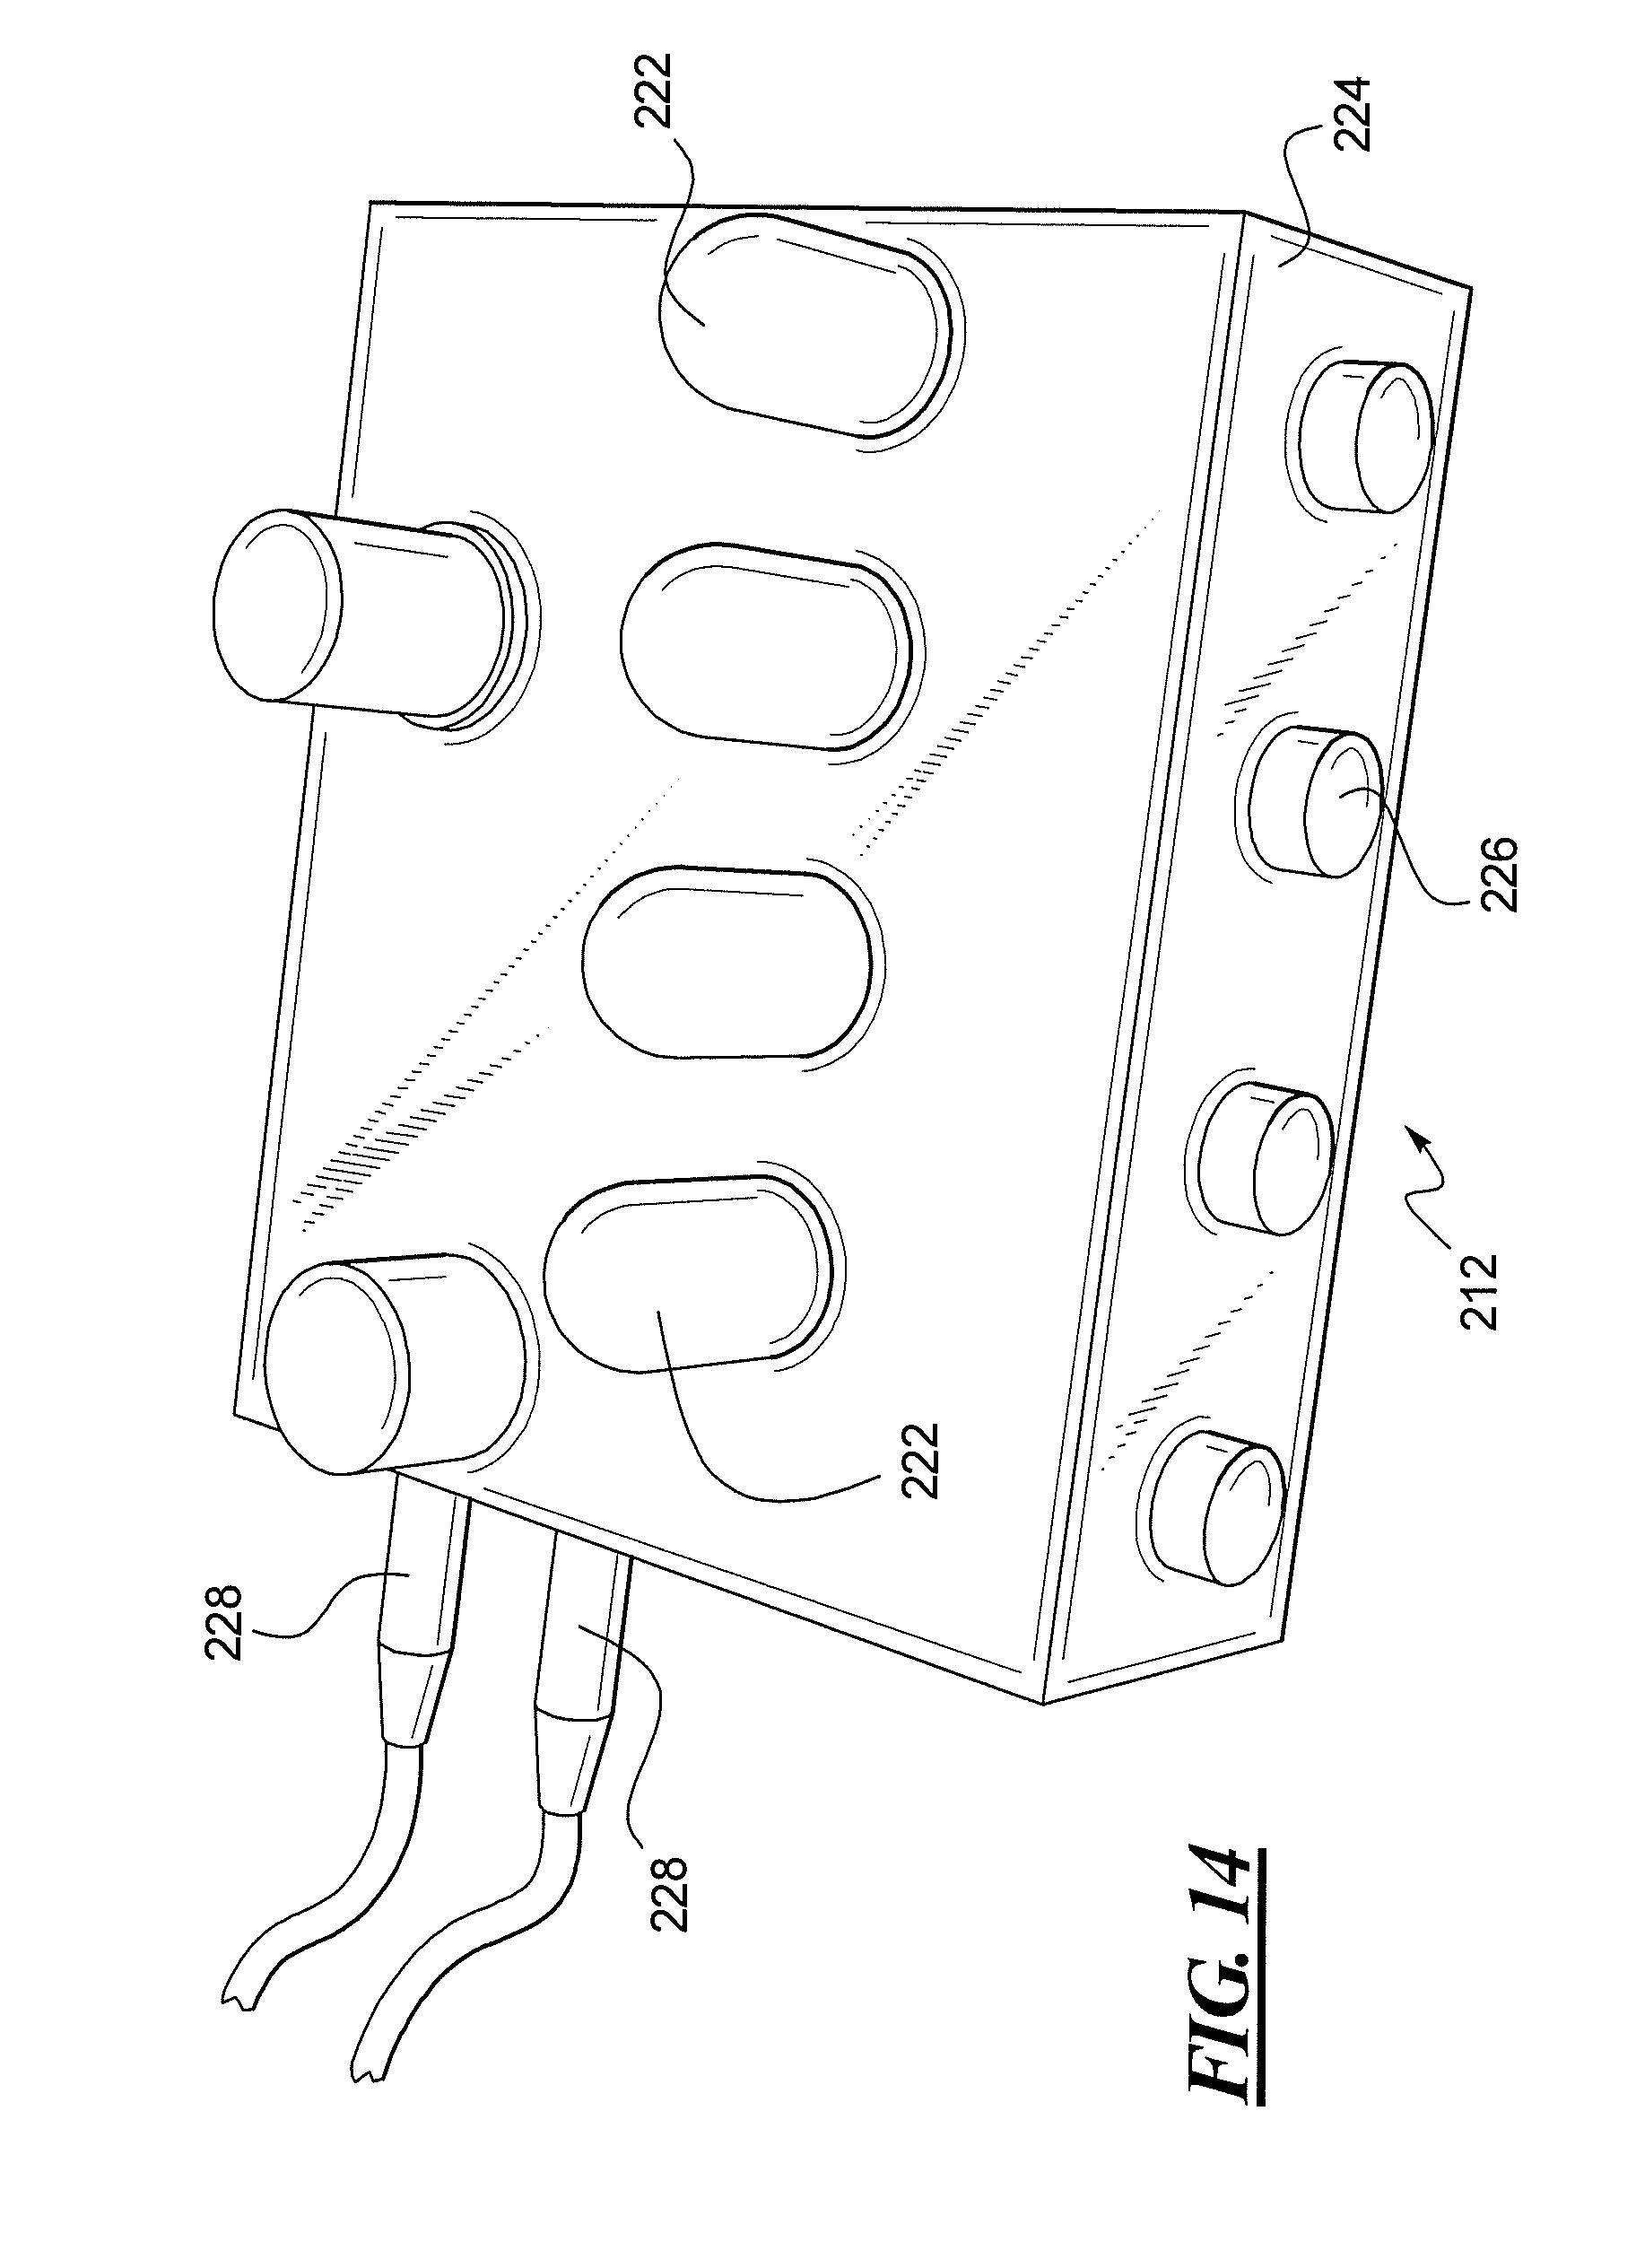 patent us20100307325